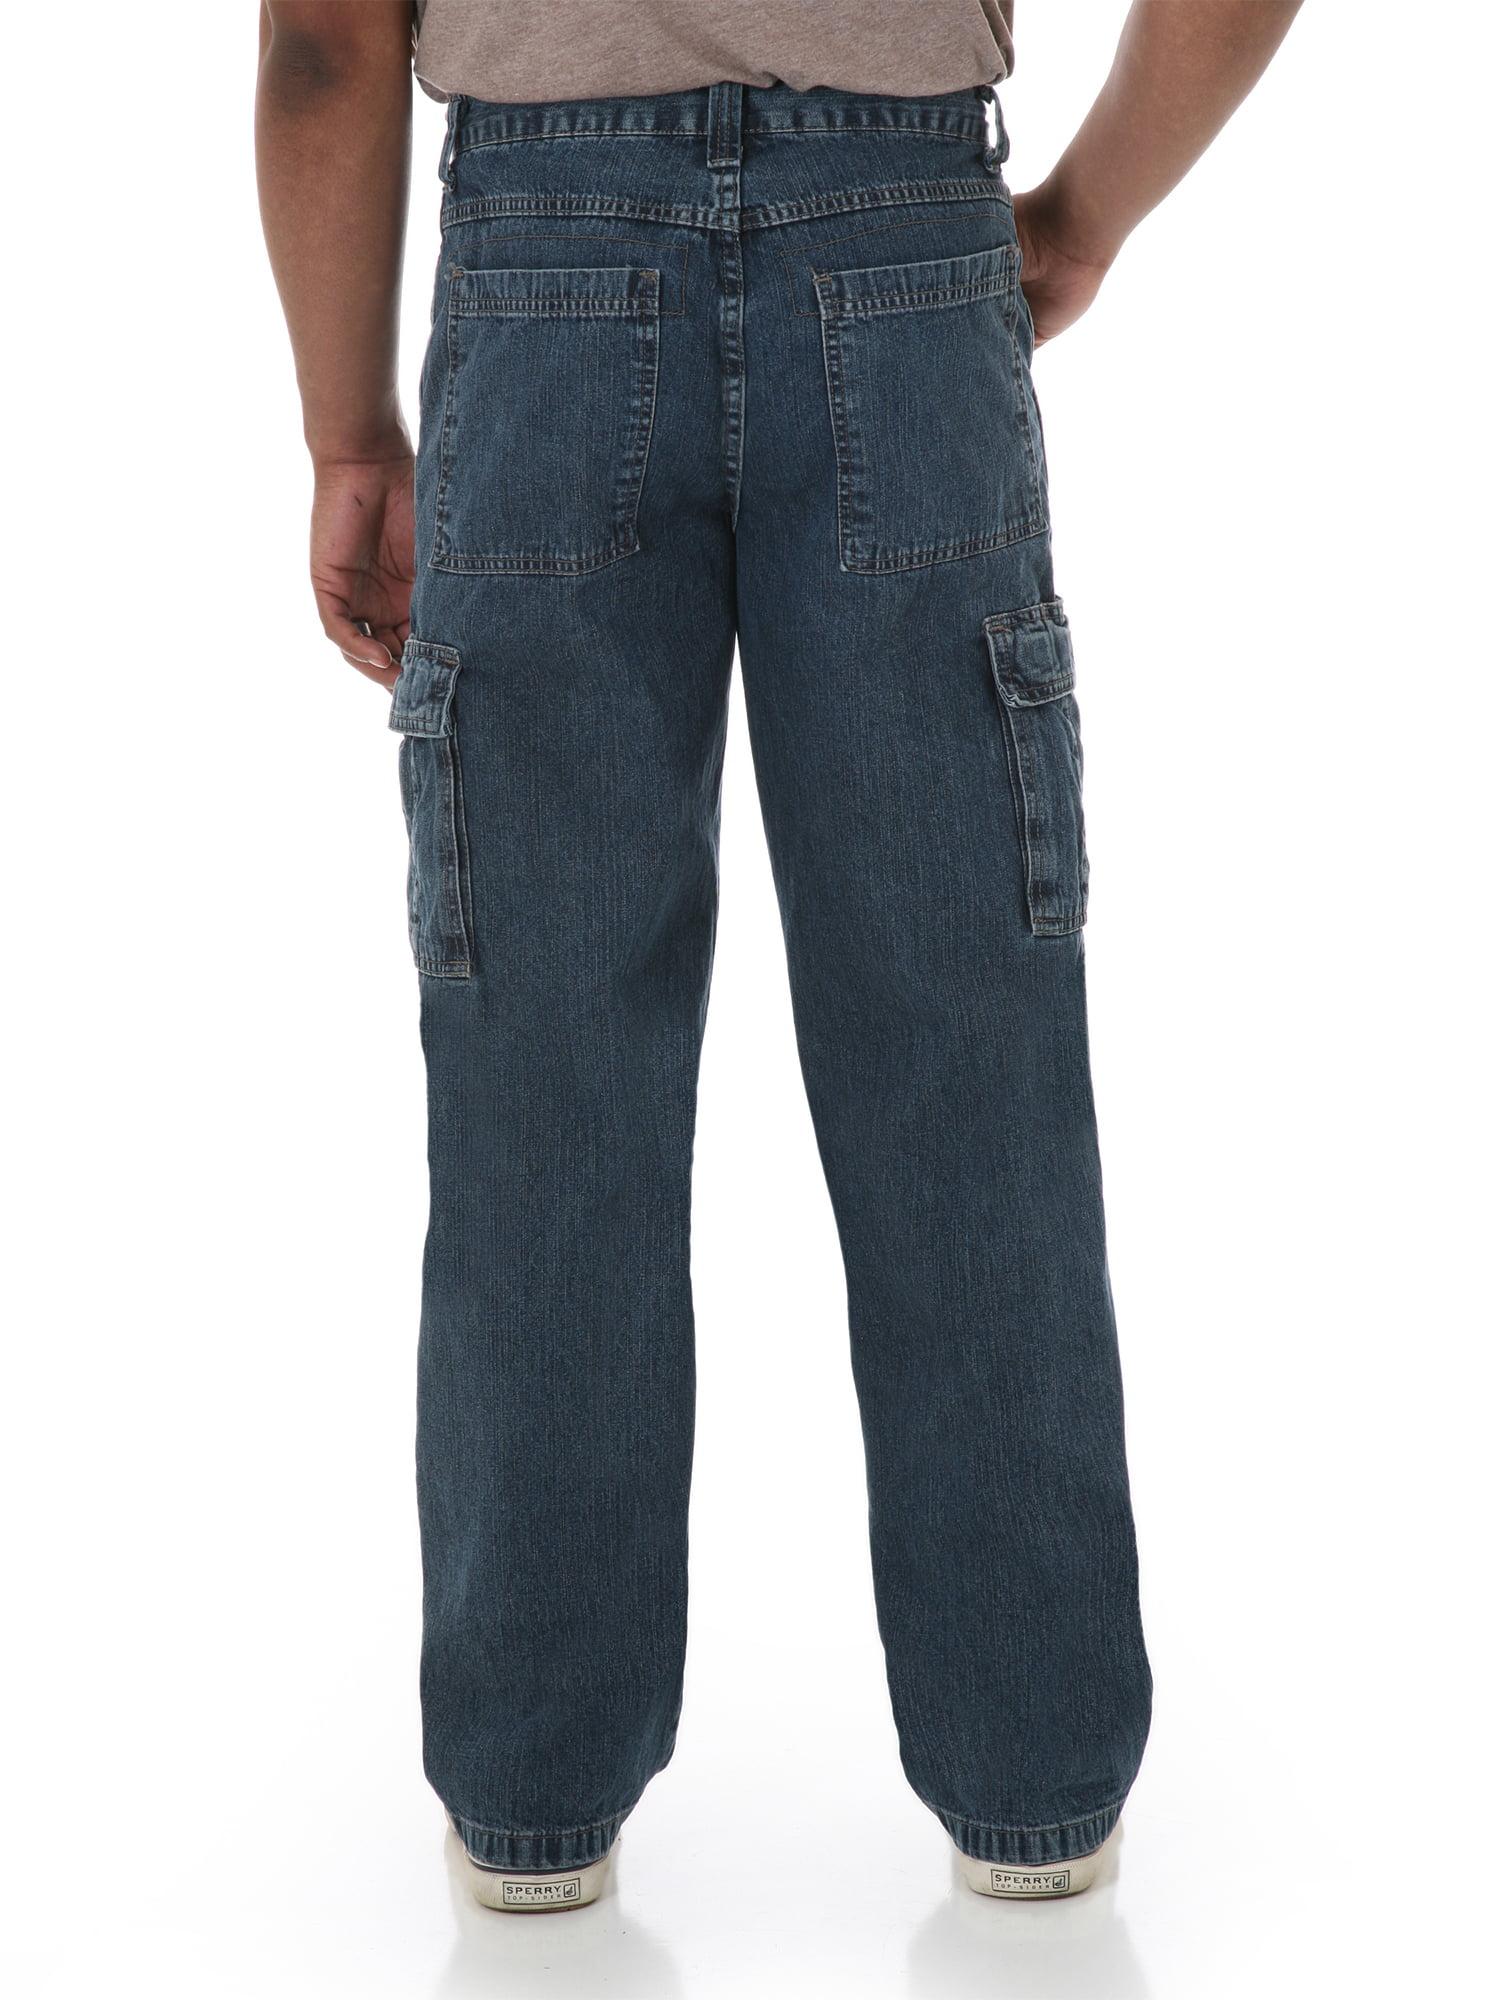 379d28776474 Wrangler - Wrangler Men's Relaxed Fit Cargo Jean - Walmart.com